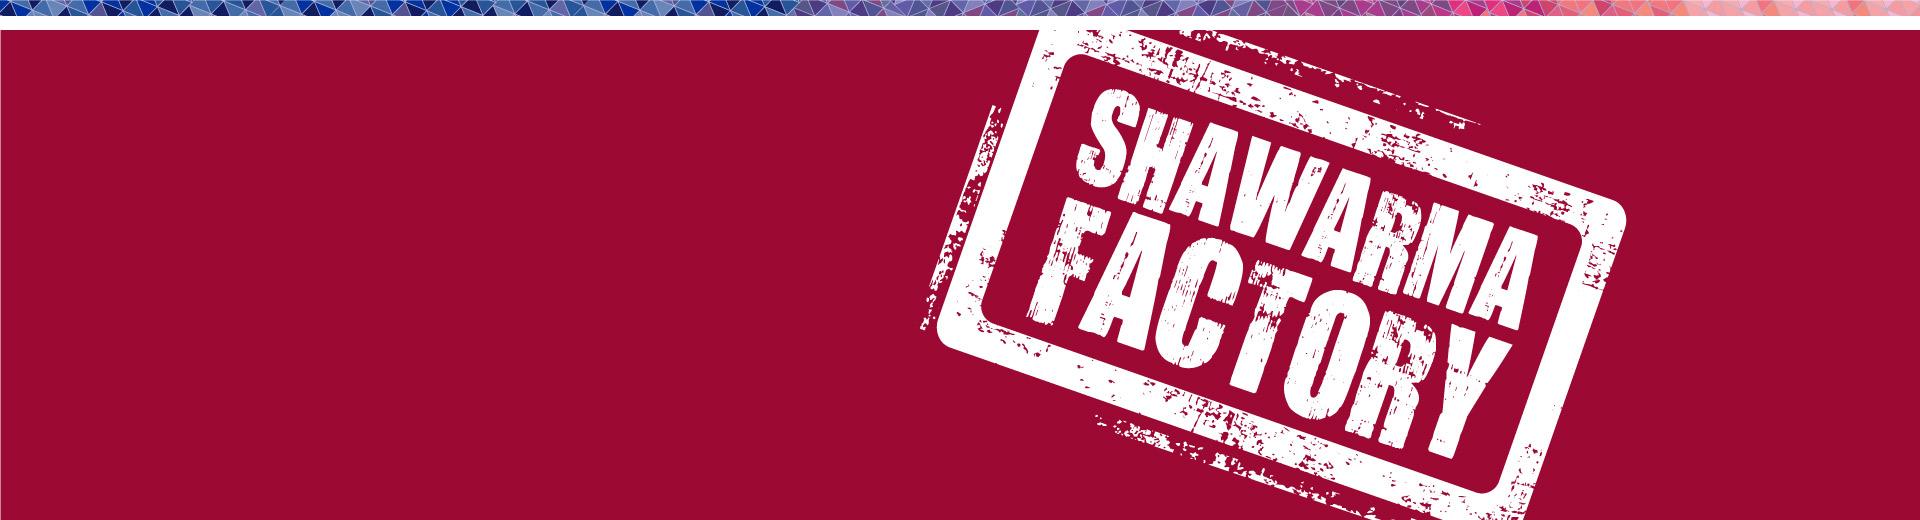 Shawarma_Slider-Banner